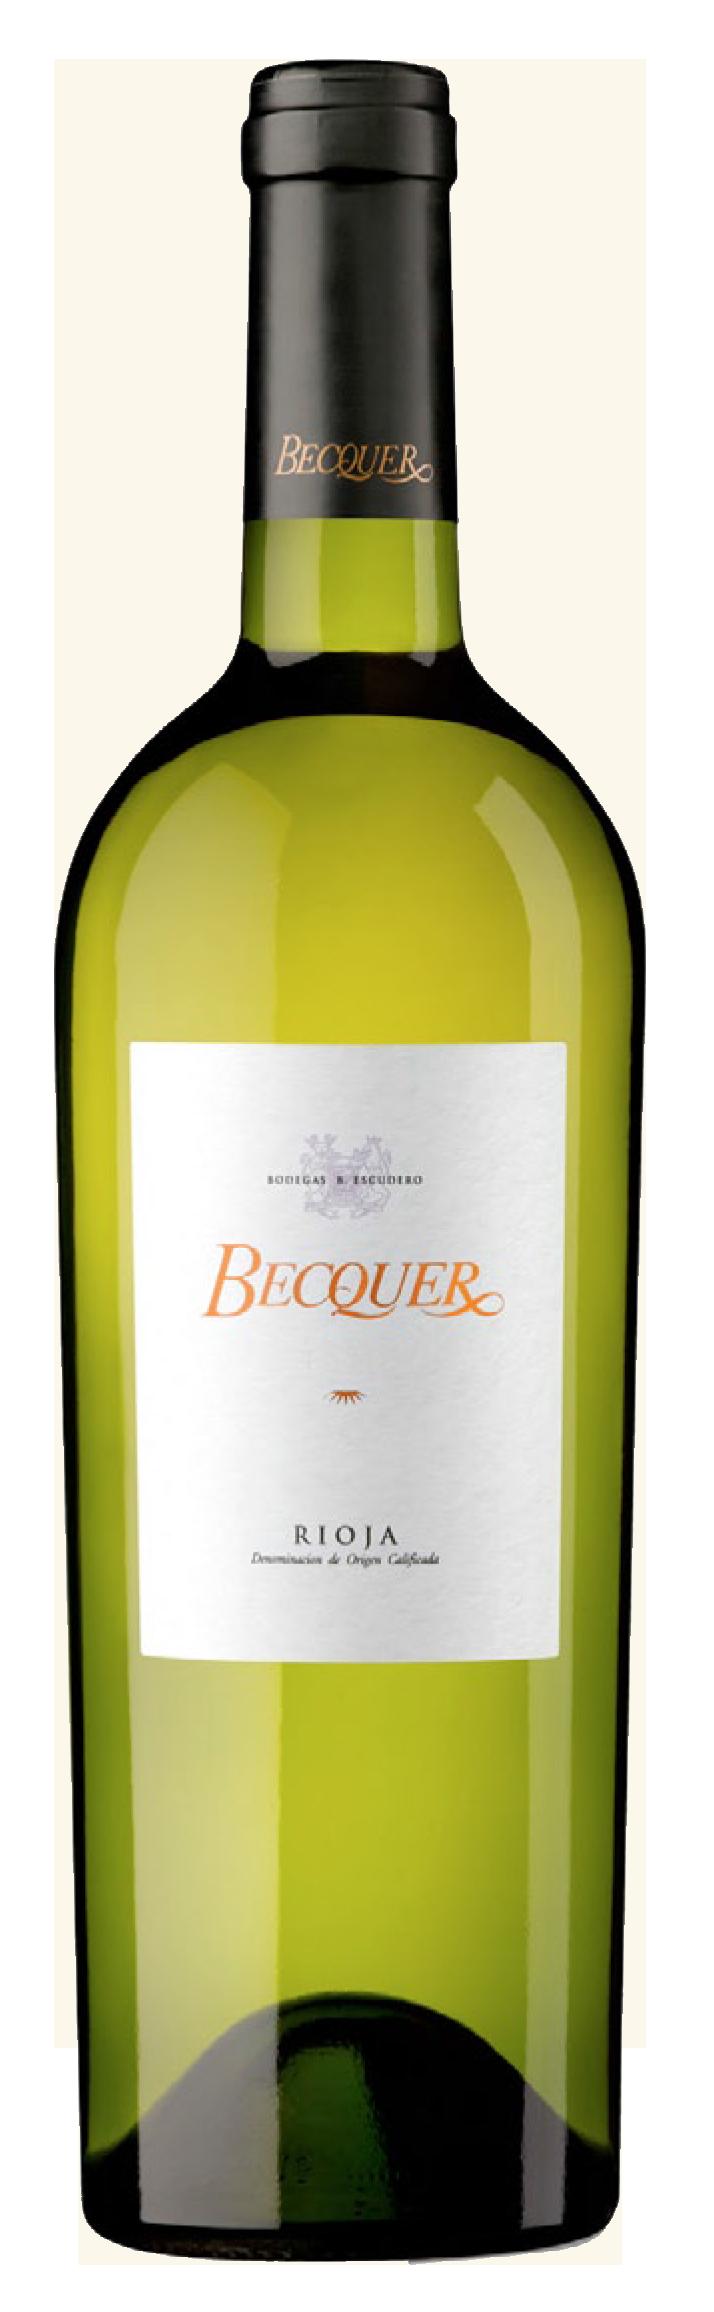 Bodegas Escudero Becquer Rioja Blanco 2018